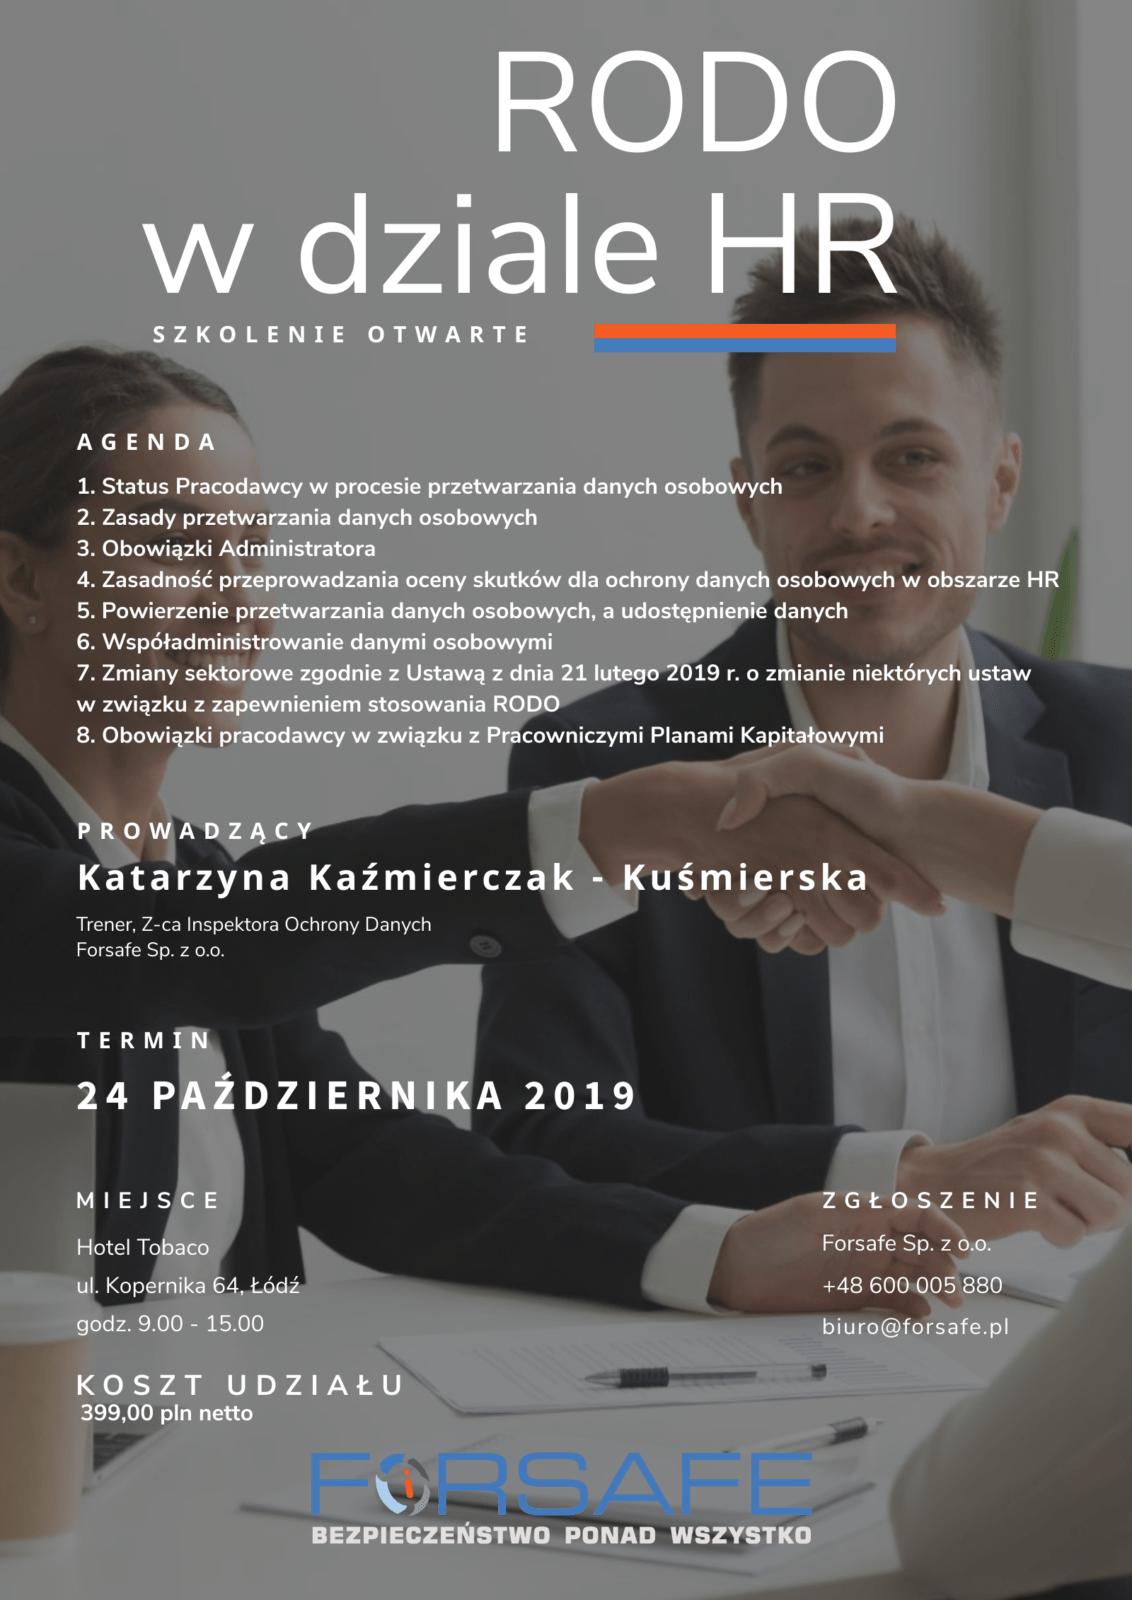 Aktualizacja szkolenie HR RODO w dziale HR